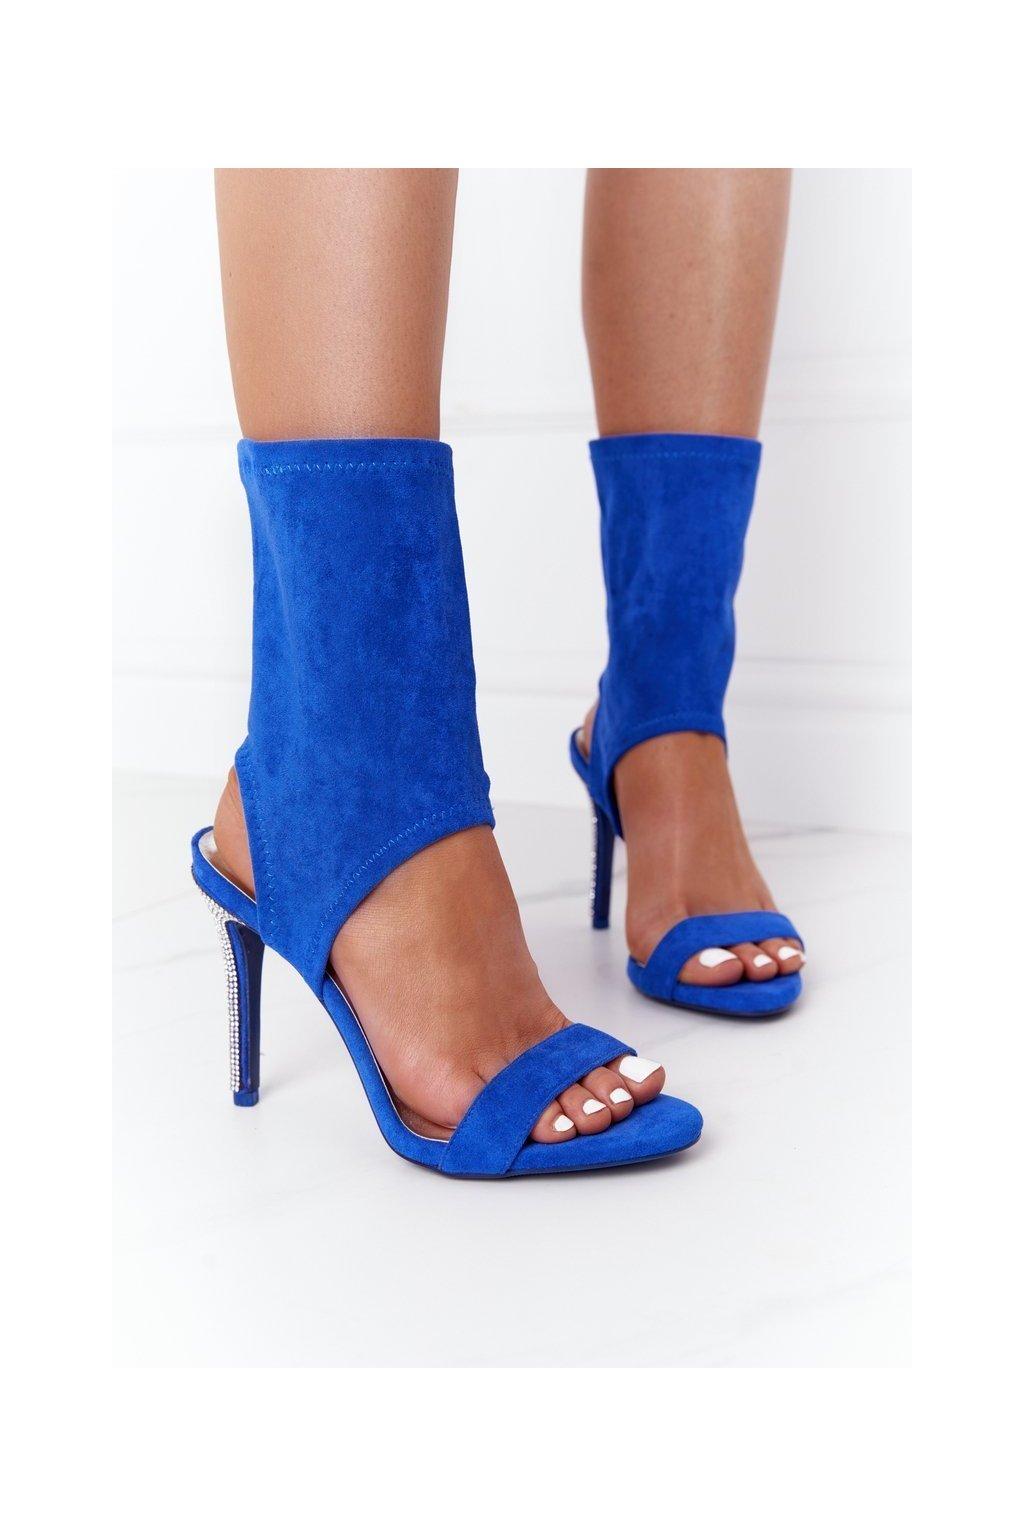 Dámske sandále farba modrá kód obuvi D-52 BLUE